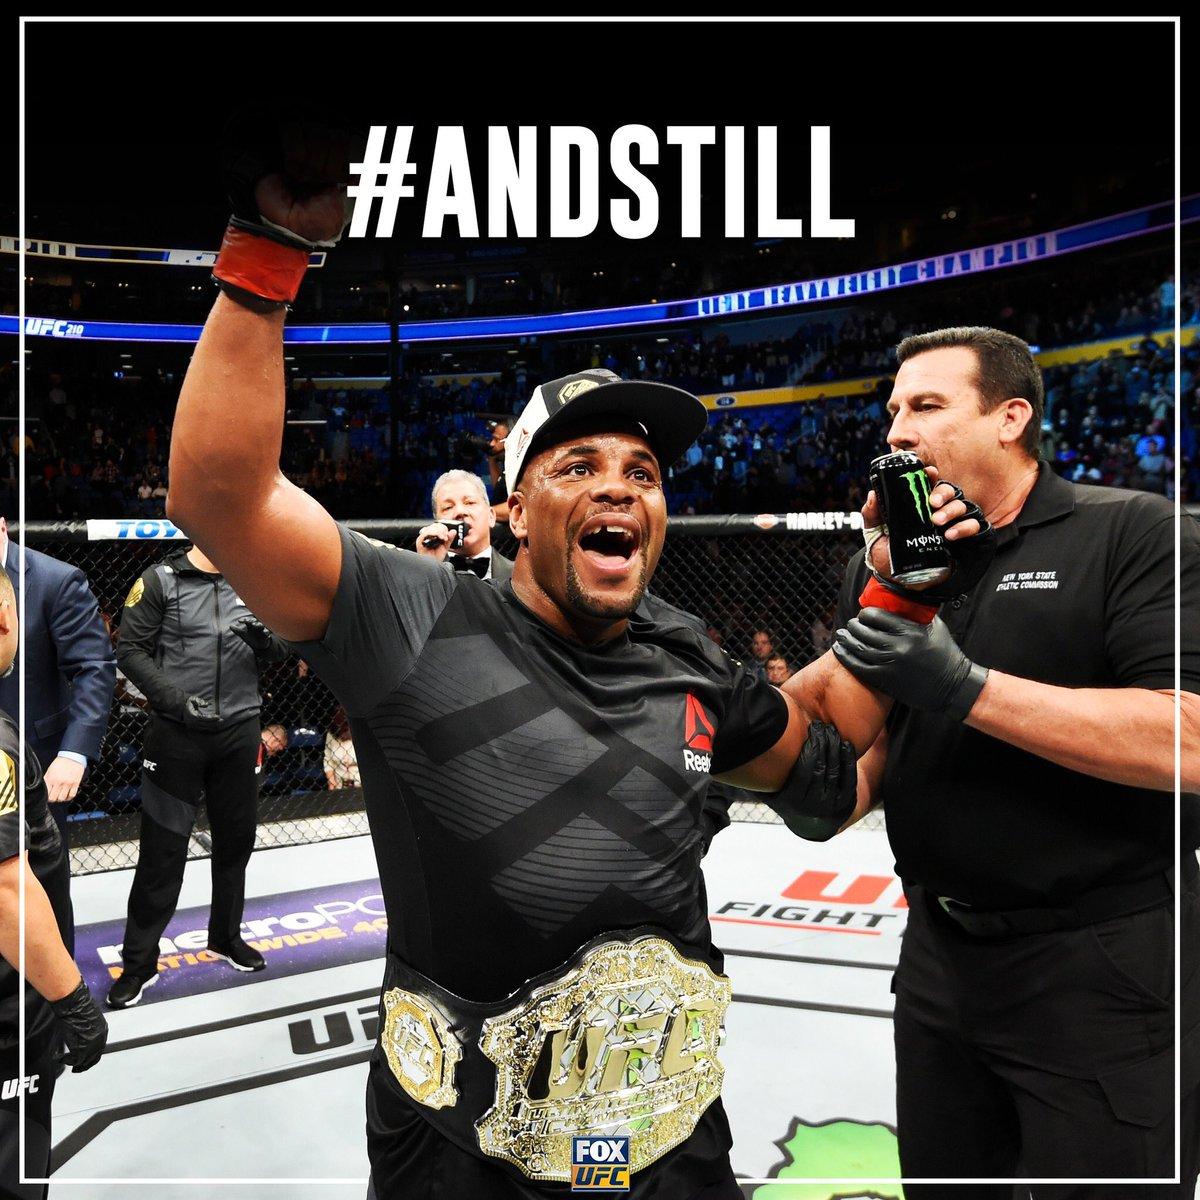 RT @UnsanctionedPW: We're always proud of our Unsanctioned alumni! 😉 Congrats, @dc_mma! #UFC220 https://t.co/GDUyHIkTzB